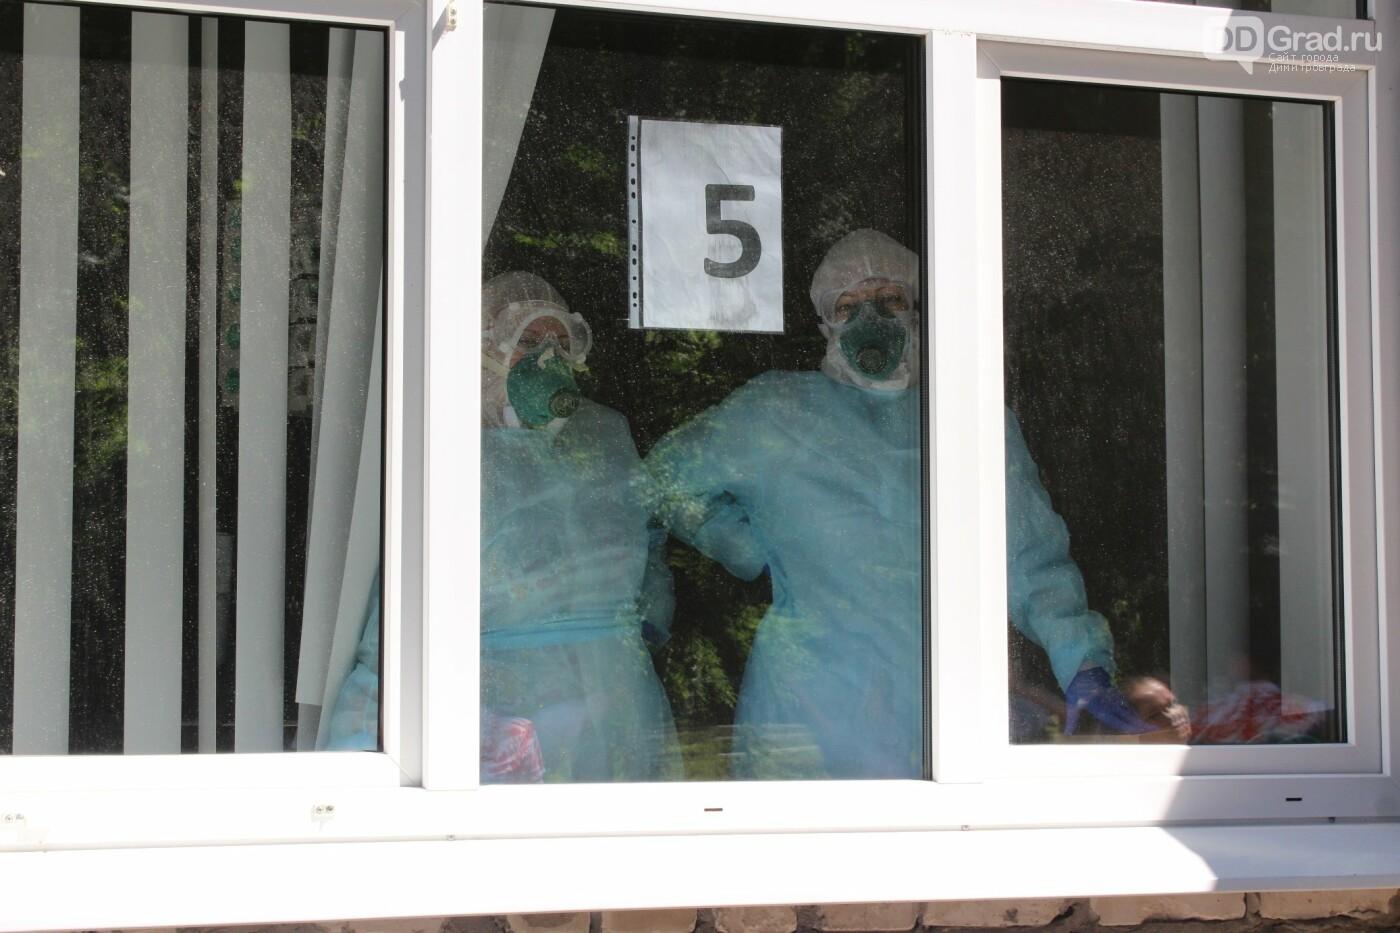 В песнях - благодарность. Артисты «Восхода» выступили под окнами медучреждений, фото-4